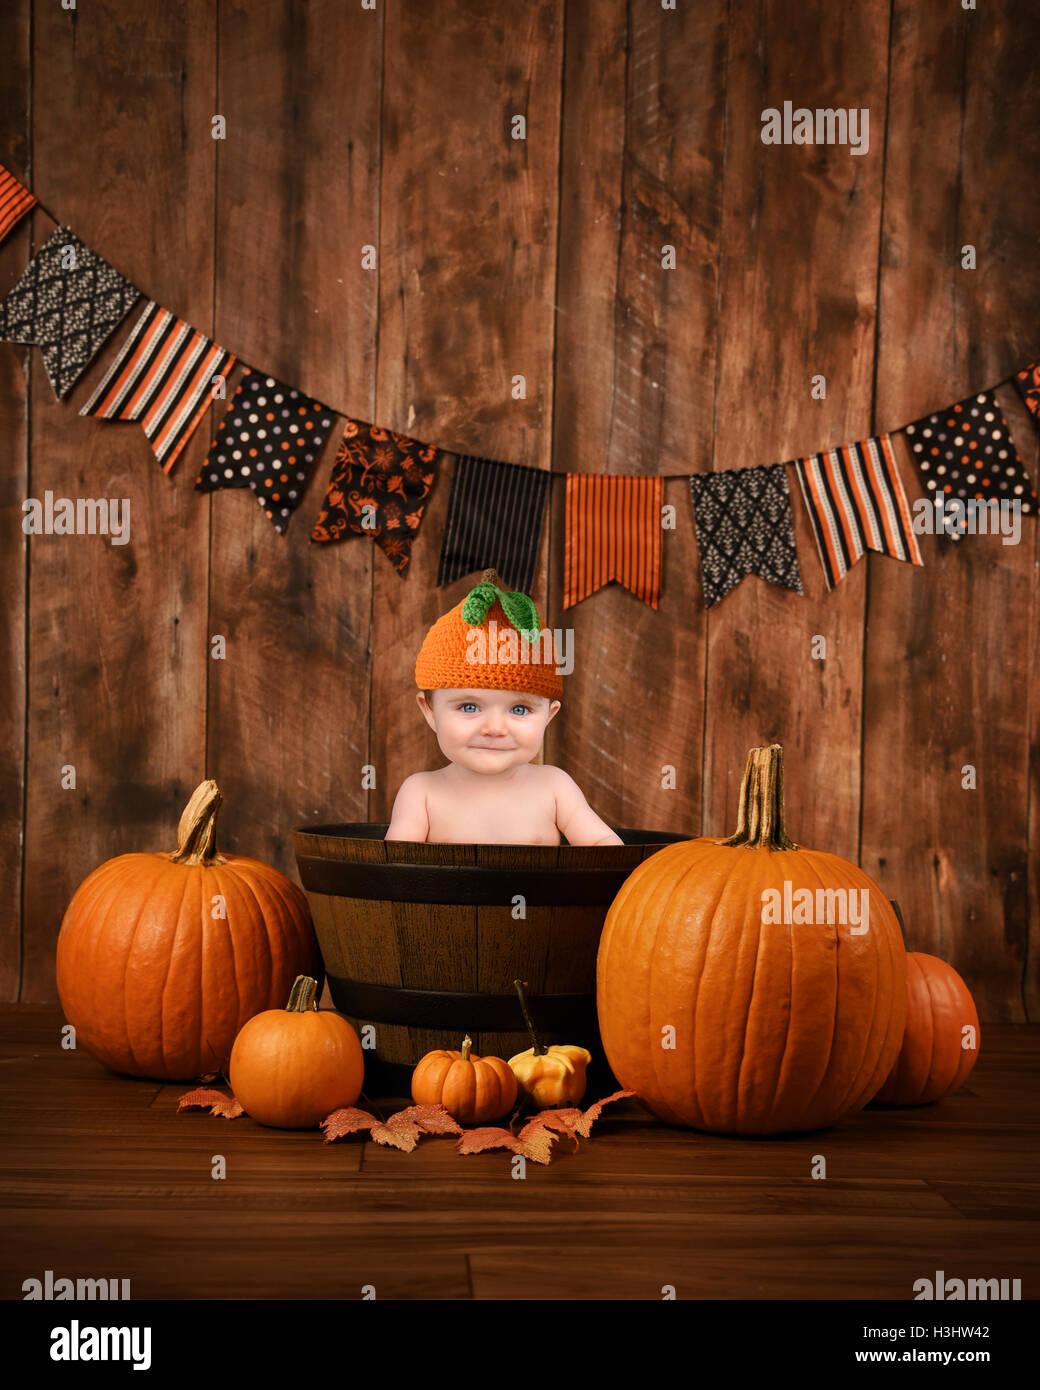 Un peu mignon bébé est assis dans un panier de bois avec automne halloween pumpkins autour de l'enfant pour un message portrait de saison Banque D'Images